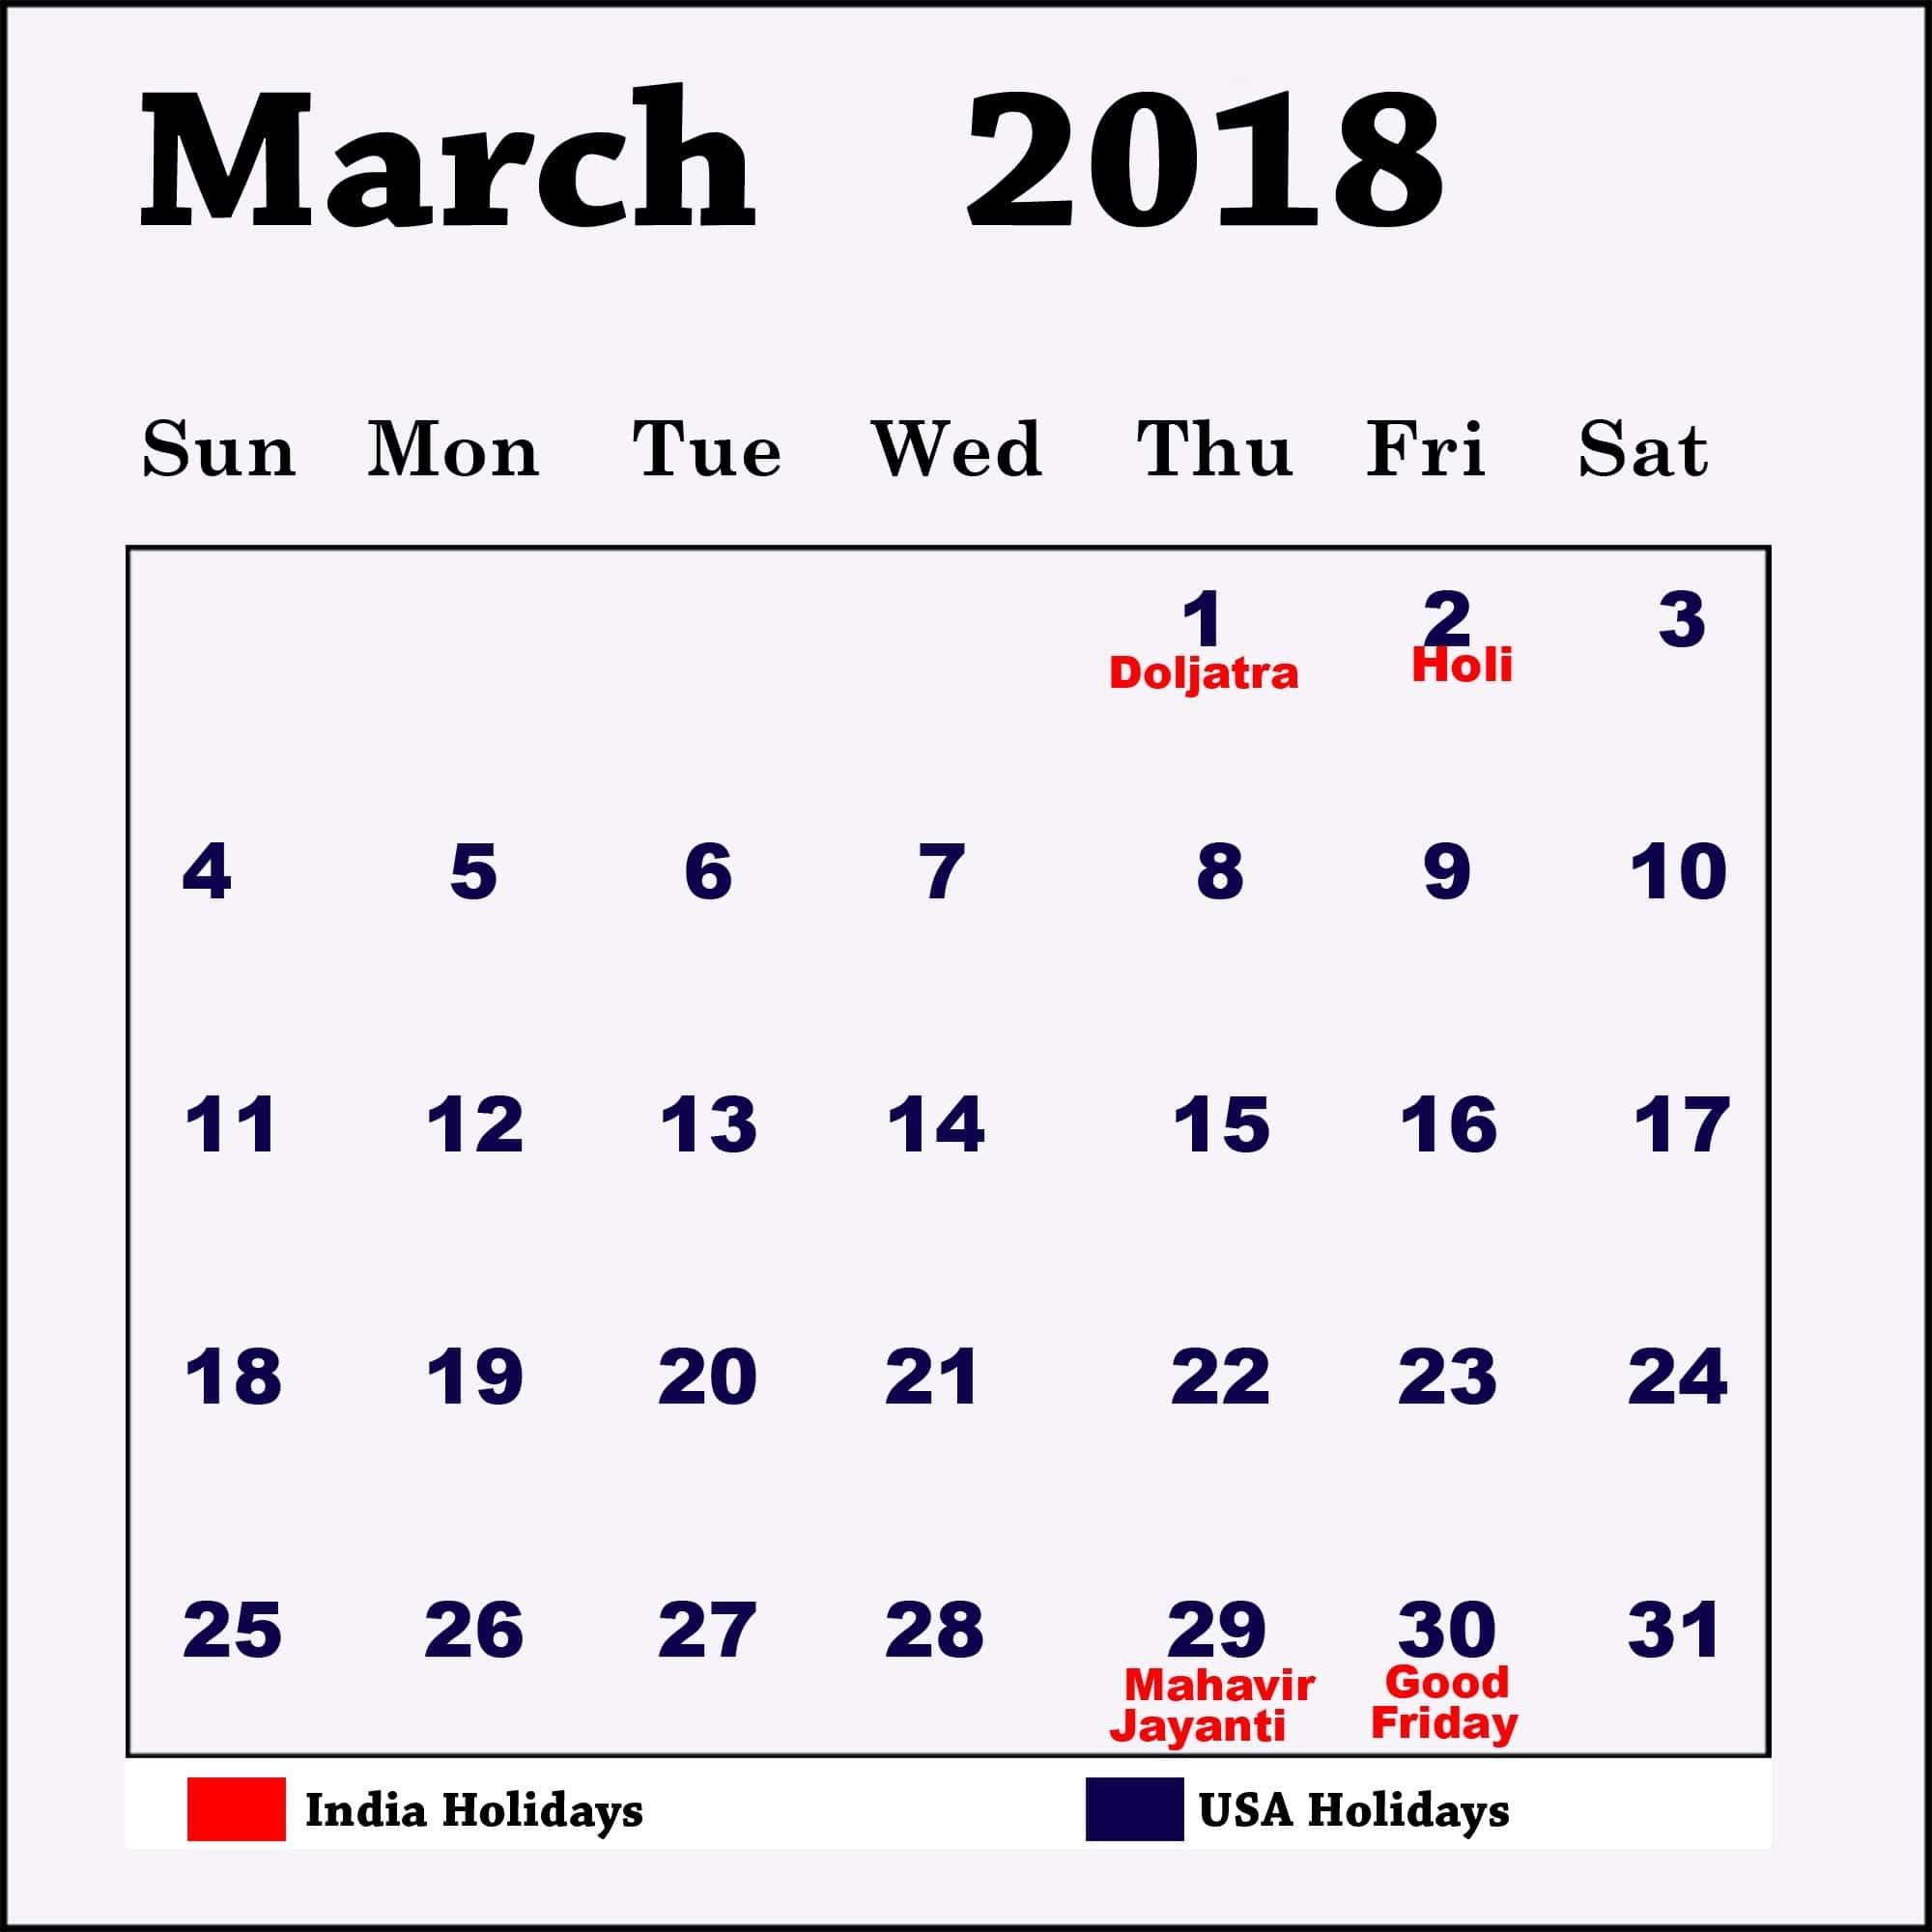 March Calendar 2018 Kalnirnay in Marathi